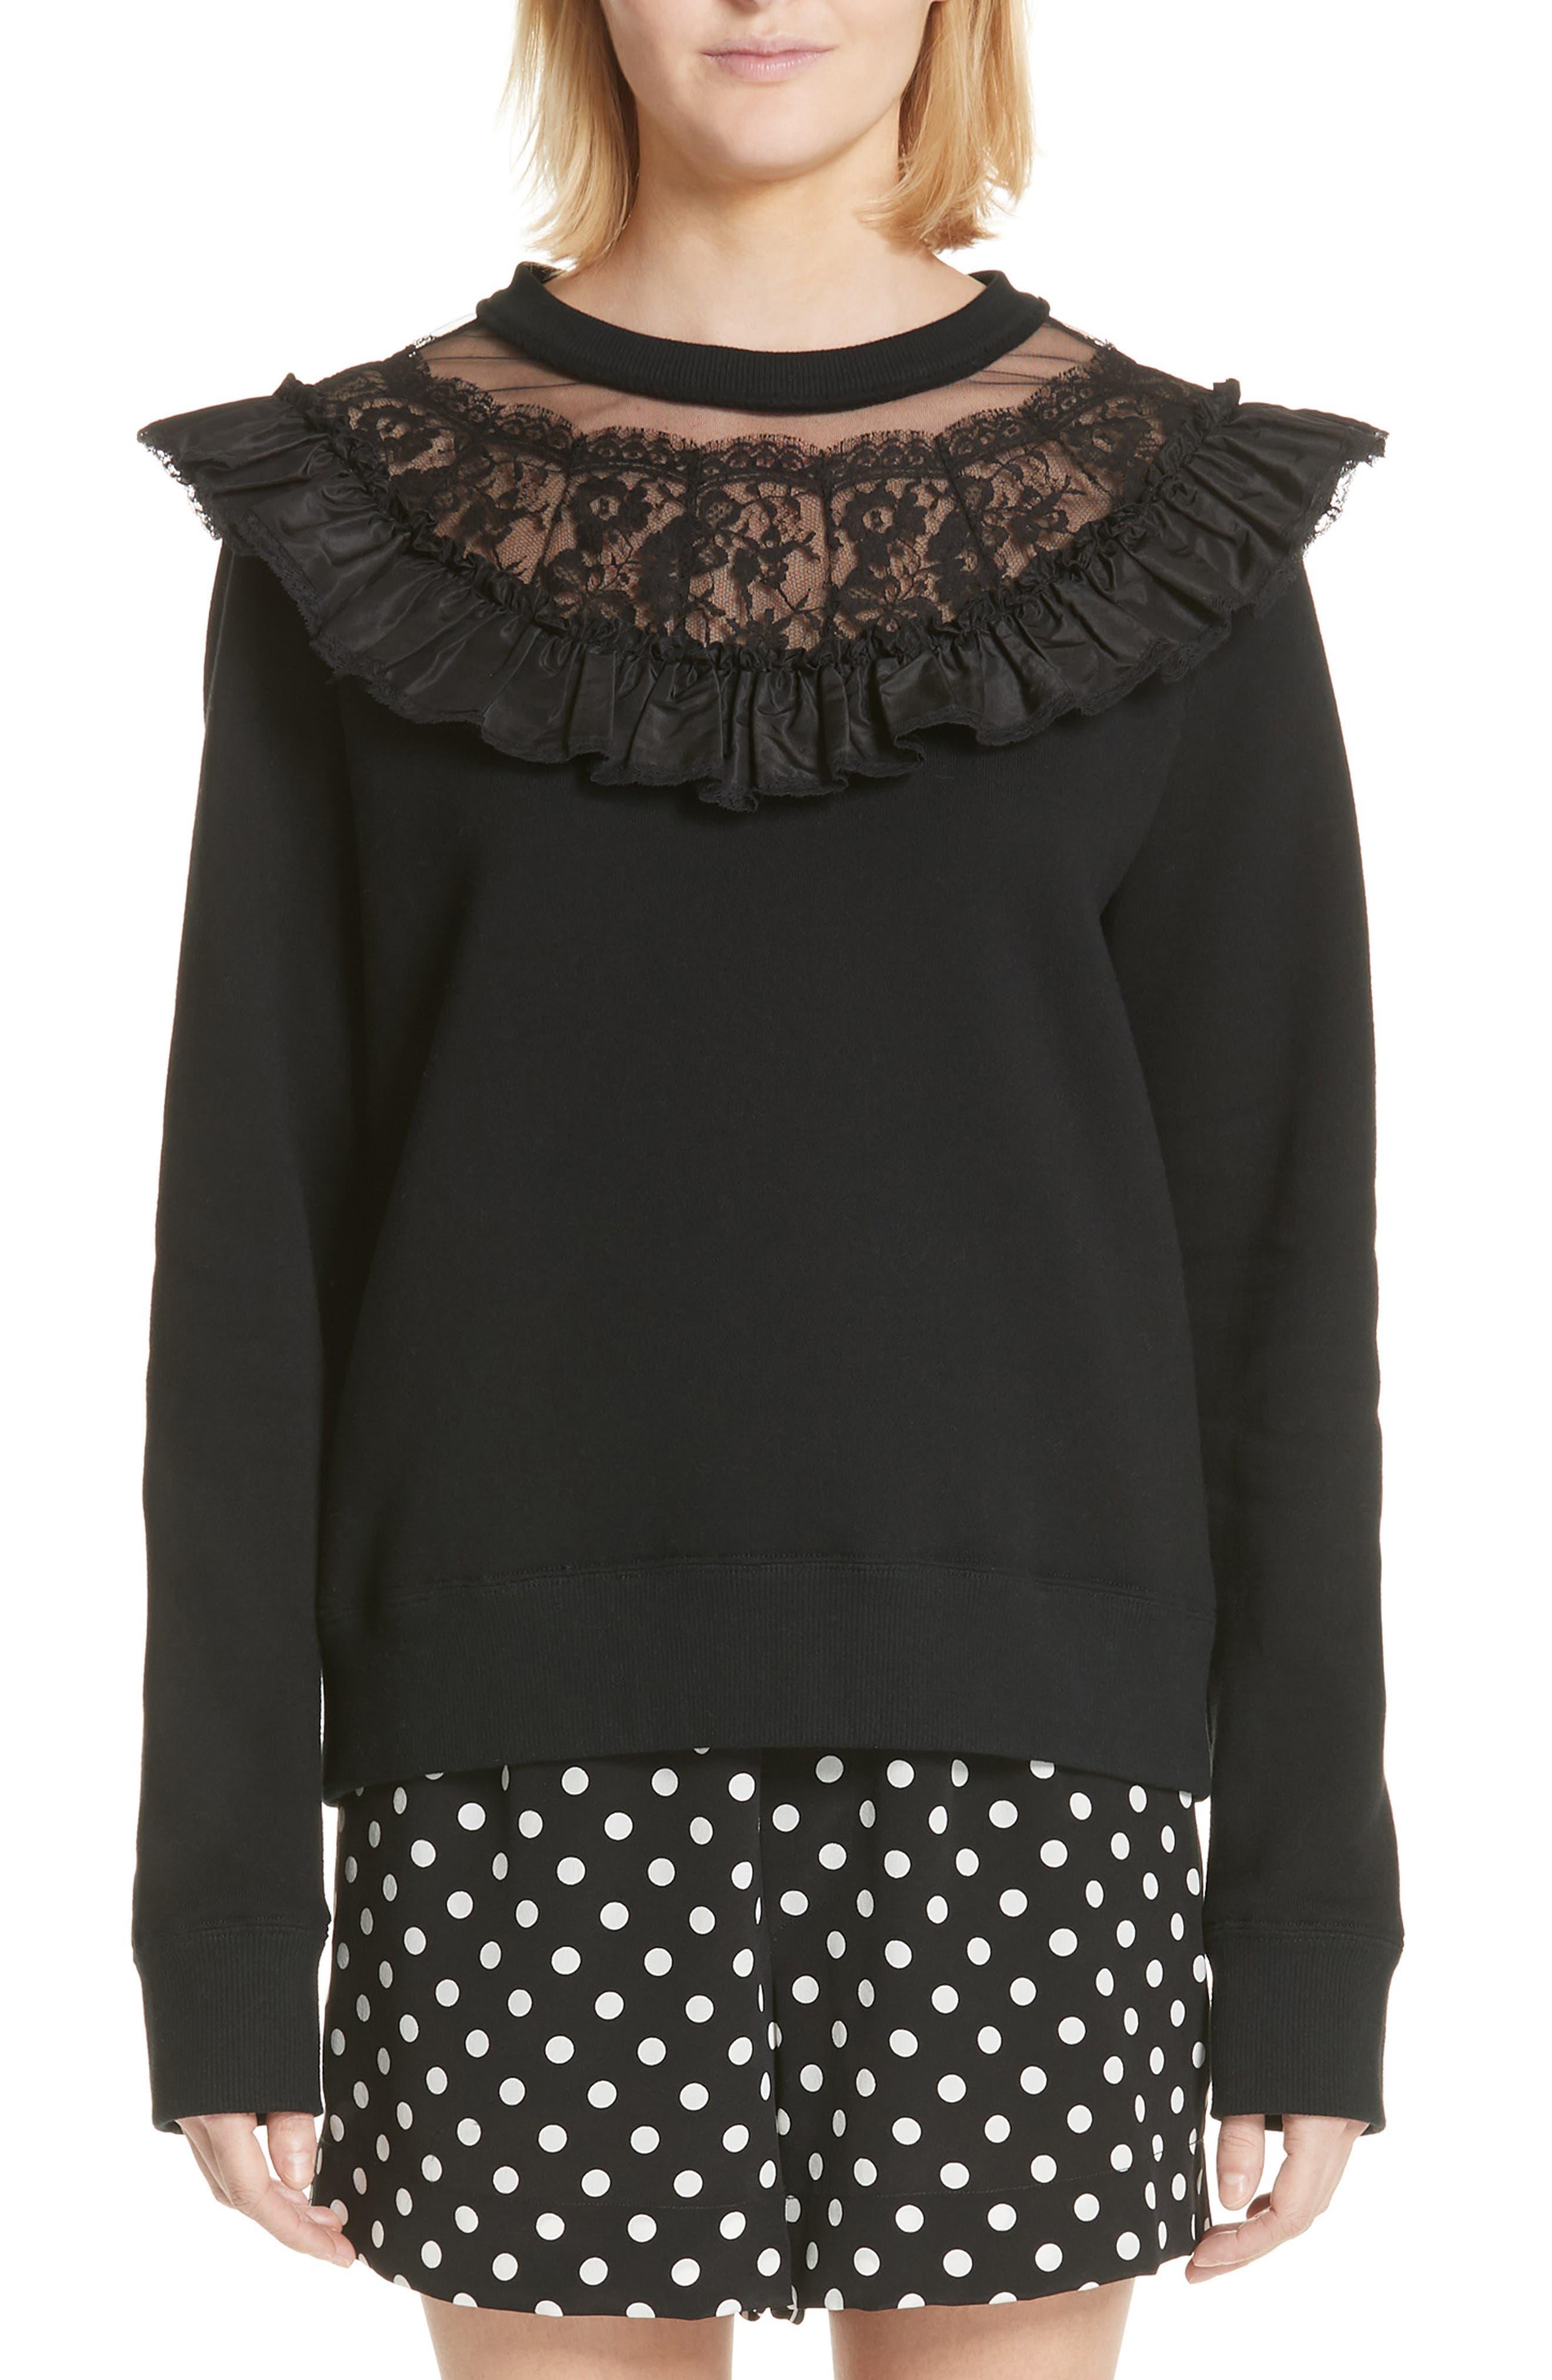 Lace Yoke Sweatshirt by Marc Jacobs